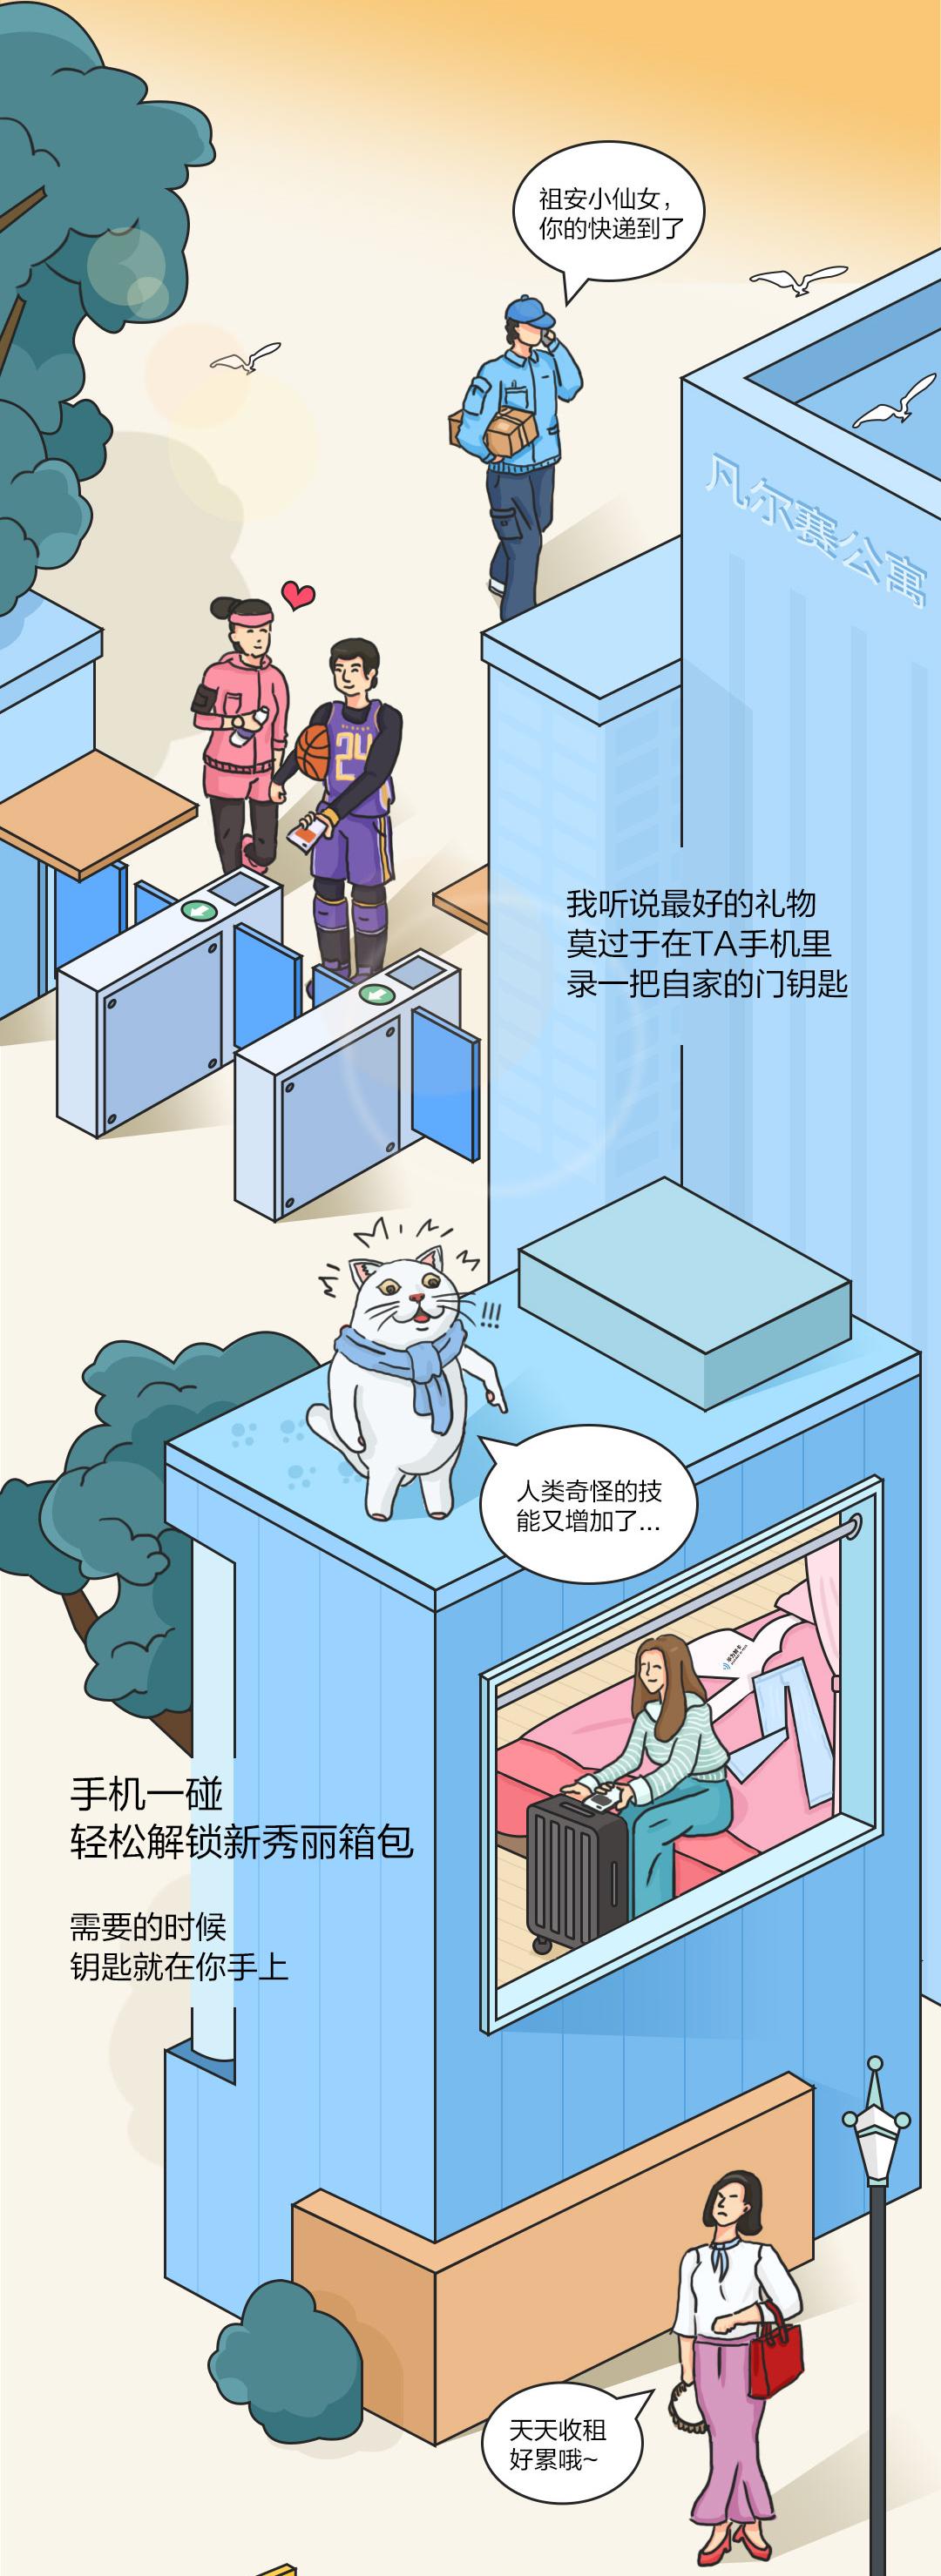 华为钱包年终盘点-上色-修_07.png